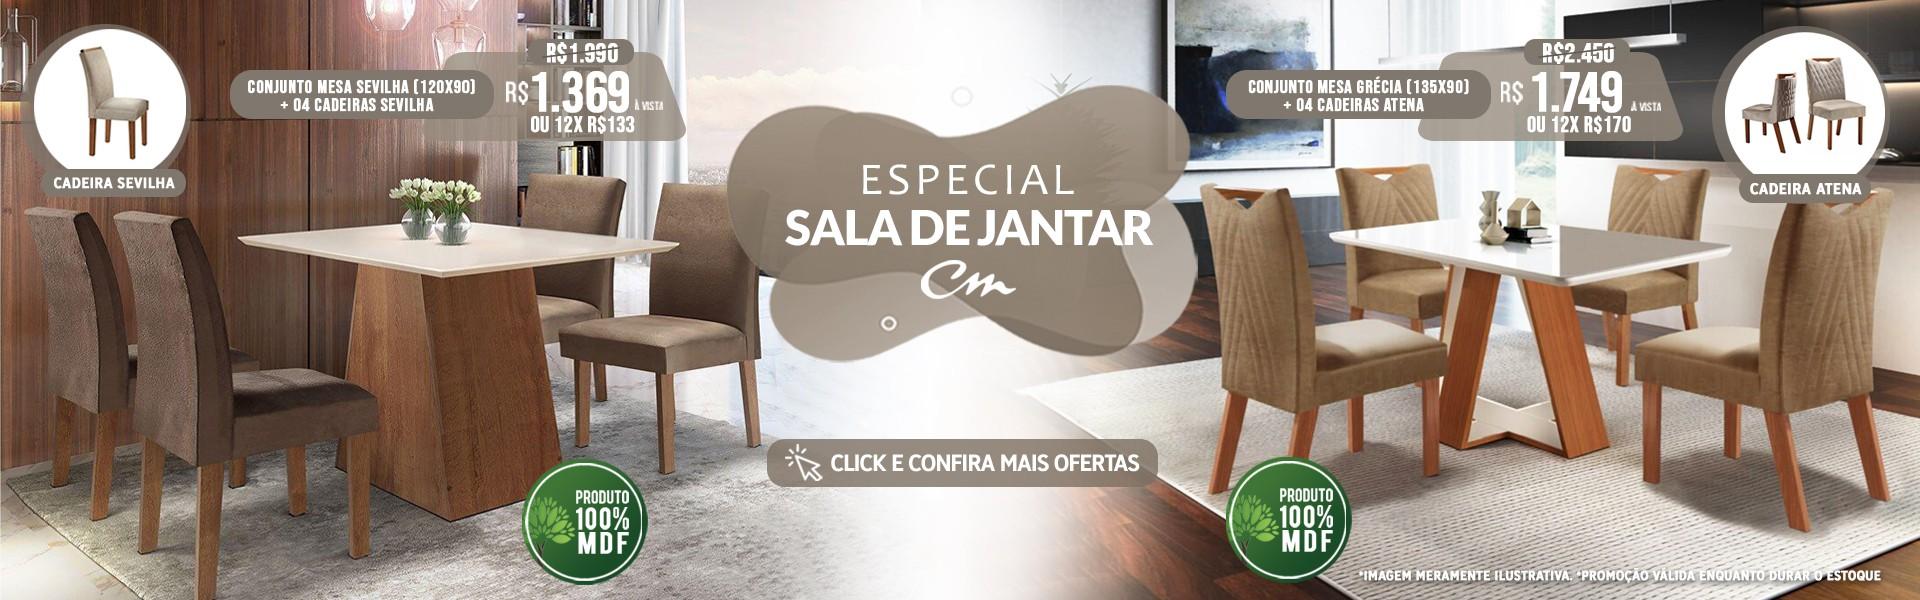 ESPECIAL SALA DE JANTAR